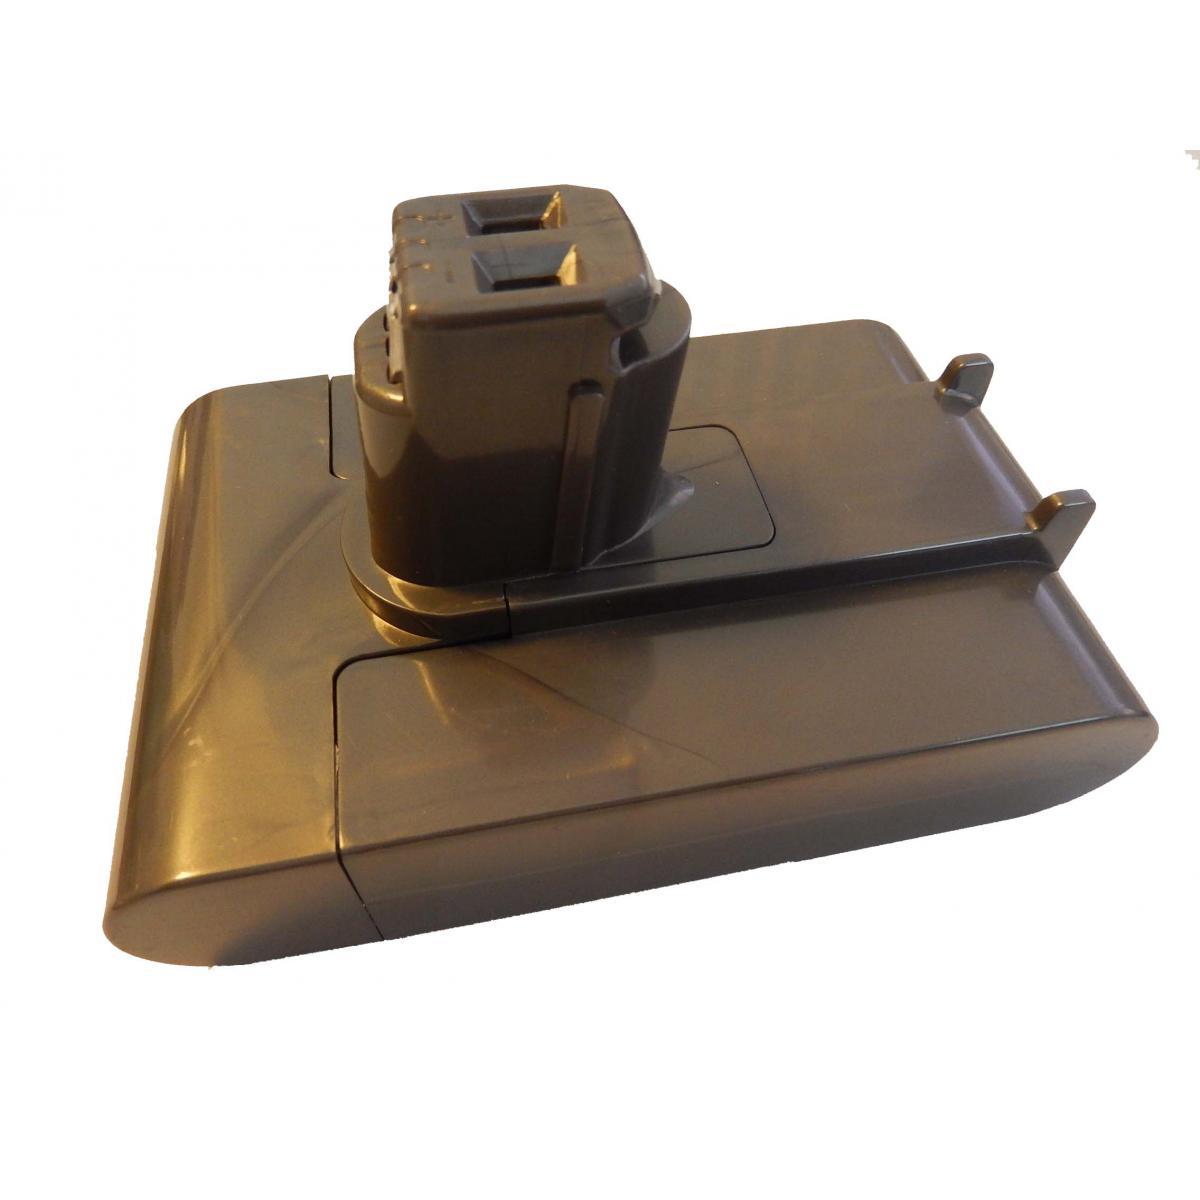 Vhbw vhbw batterie (type A) compatible avec Dyson DC43, DC43h Animal Pro, DC45, DC45 Animal Pro remplace 17083-2811, 17083-42